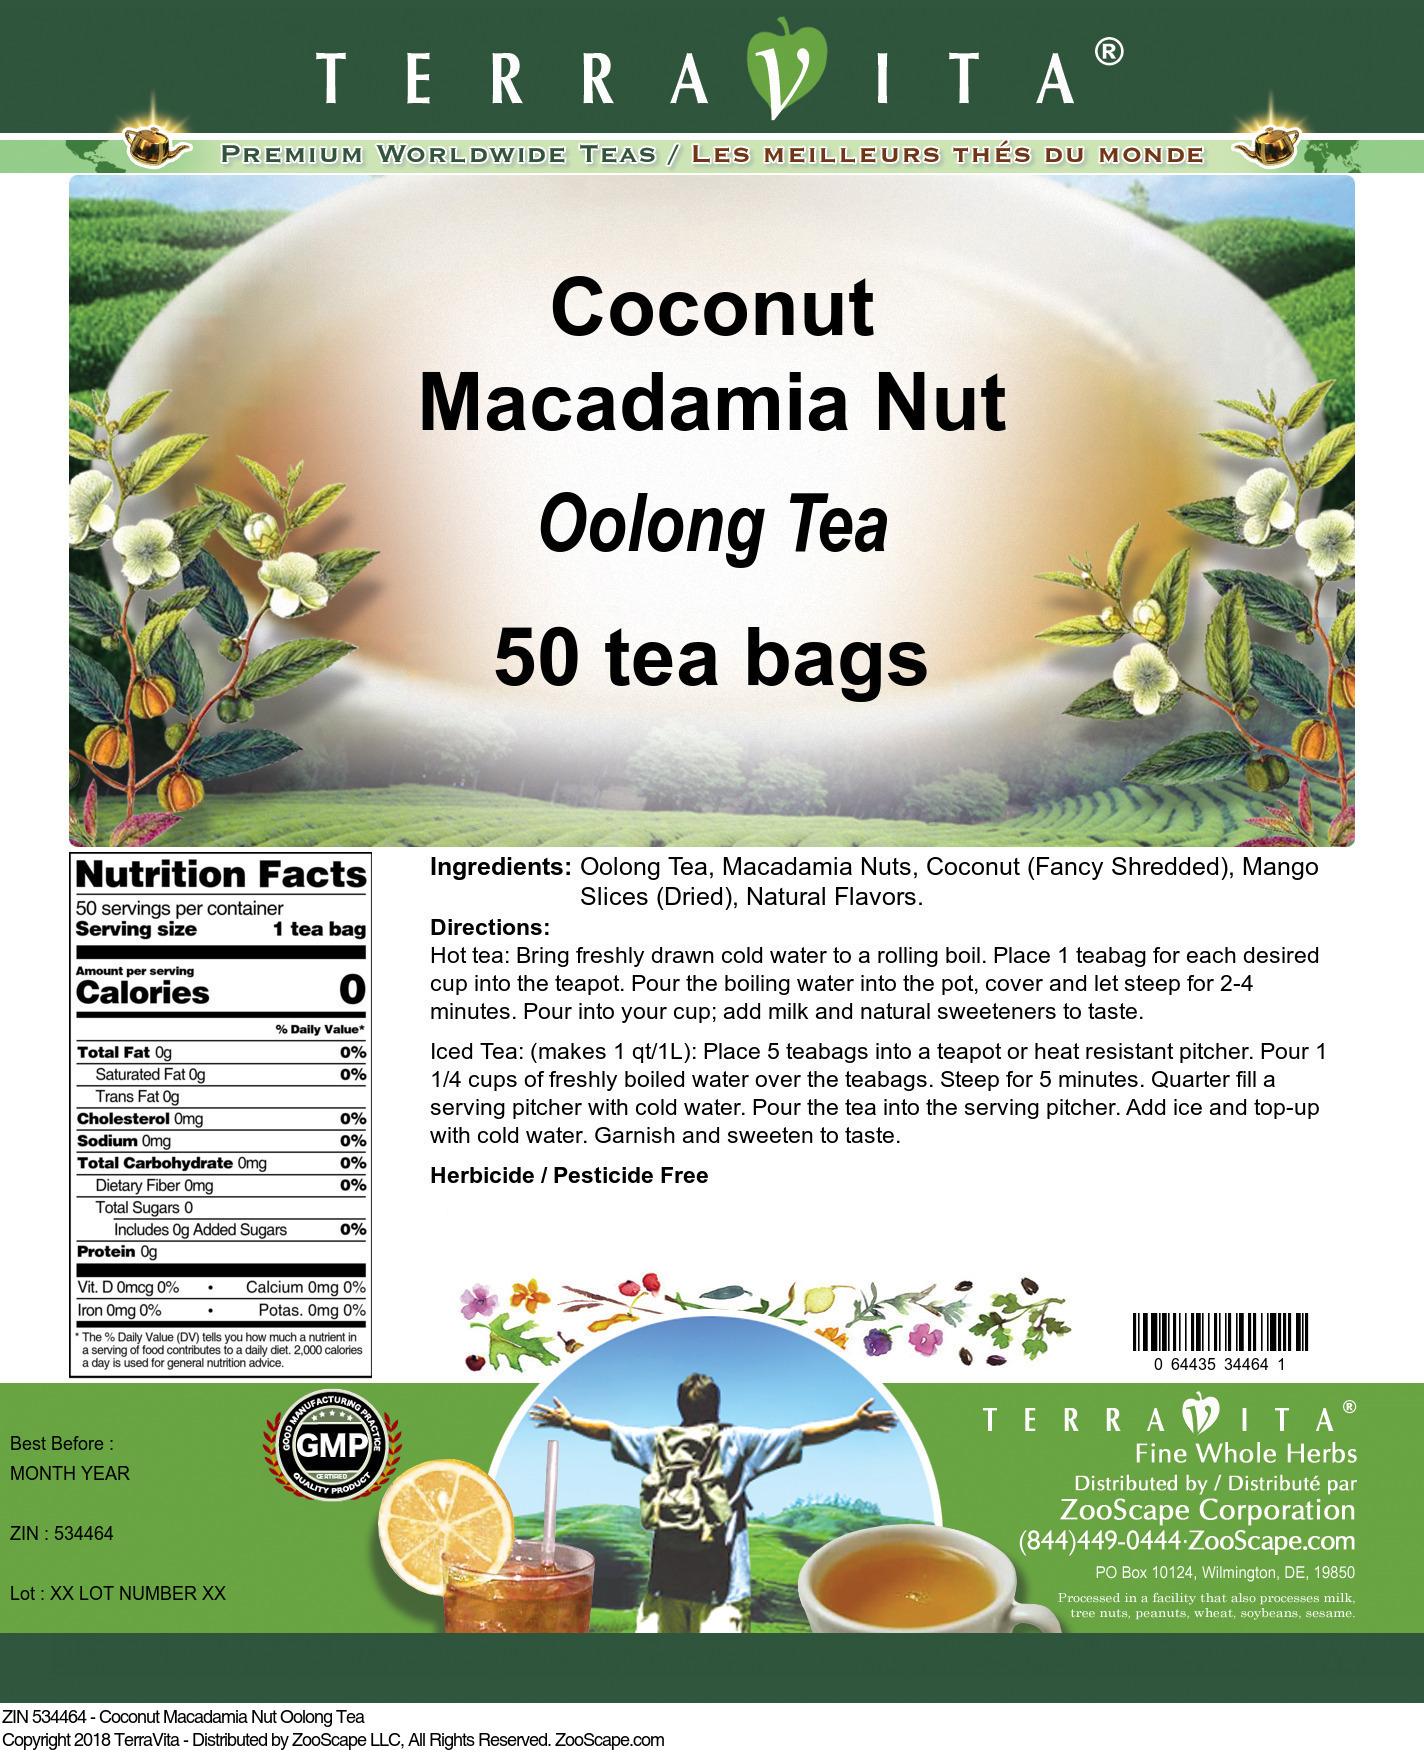 Coconut Macadamia Nut Oolong Tea